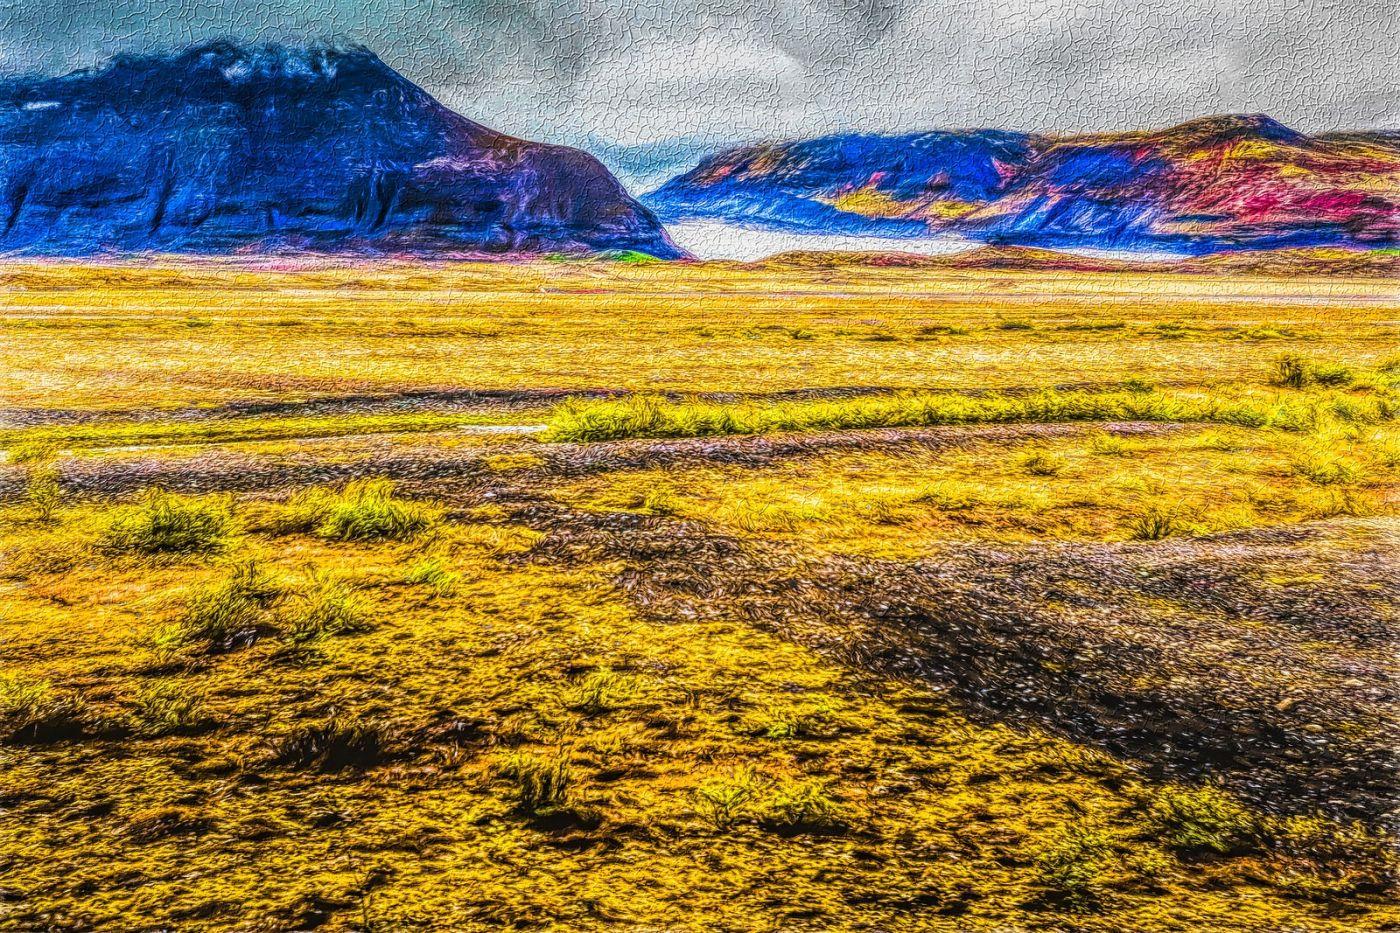 冰岛风采,新的感觉_图1-38